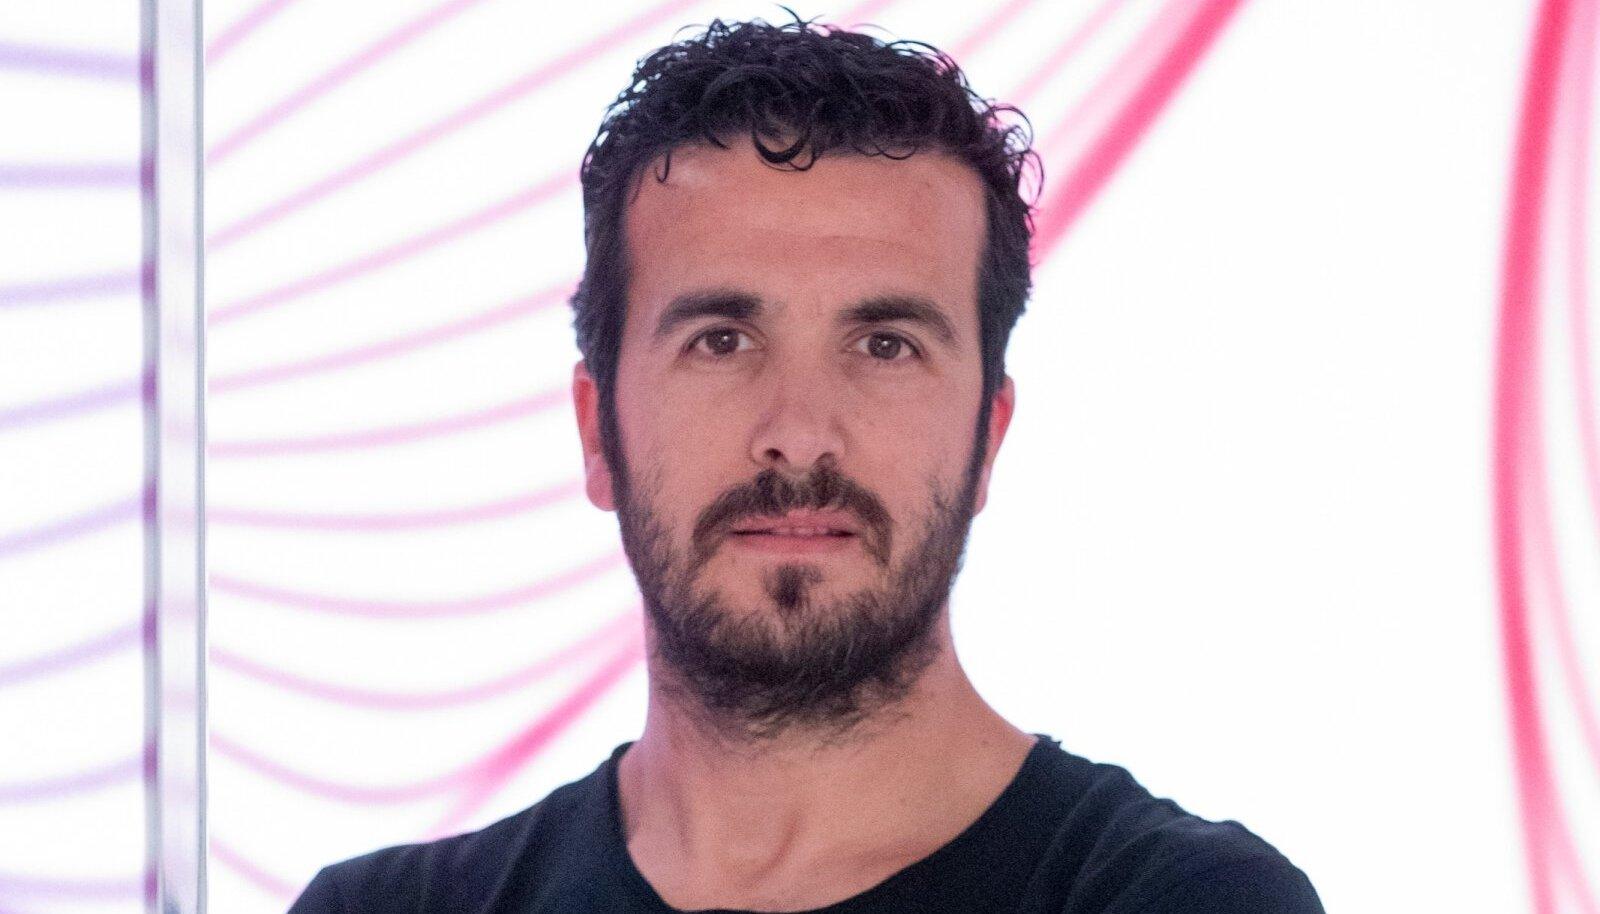 Mustafa Celik